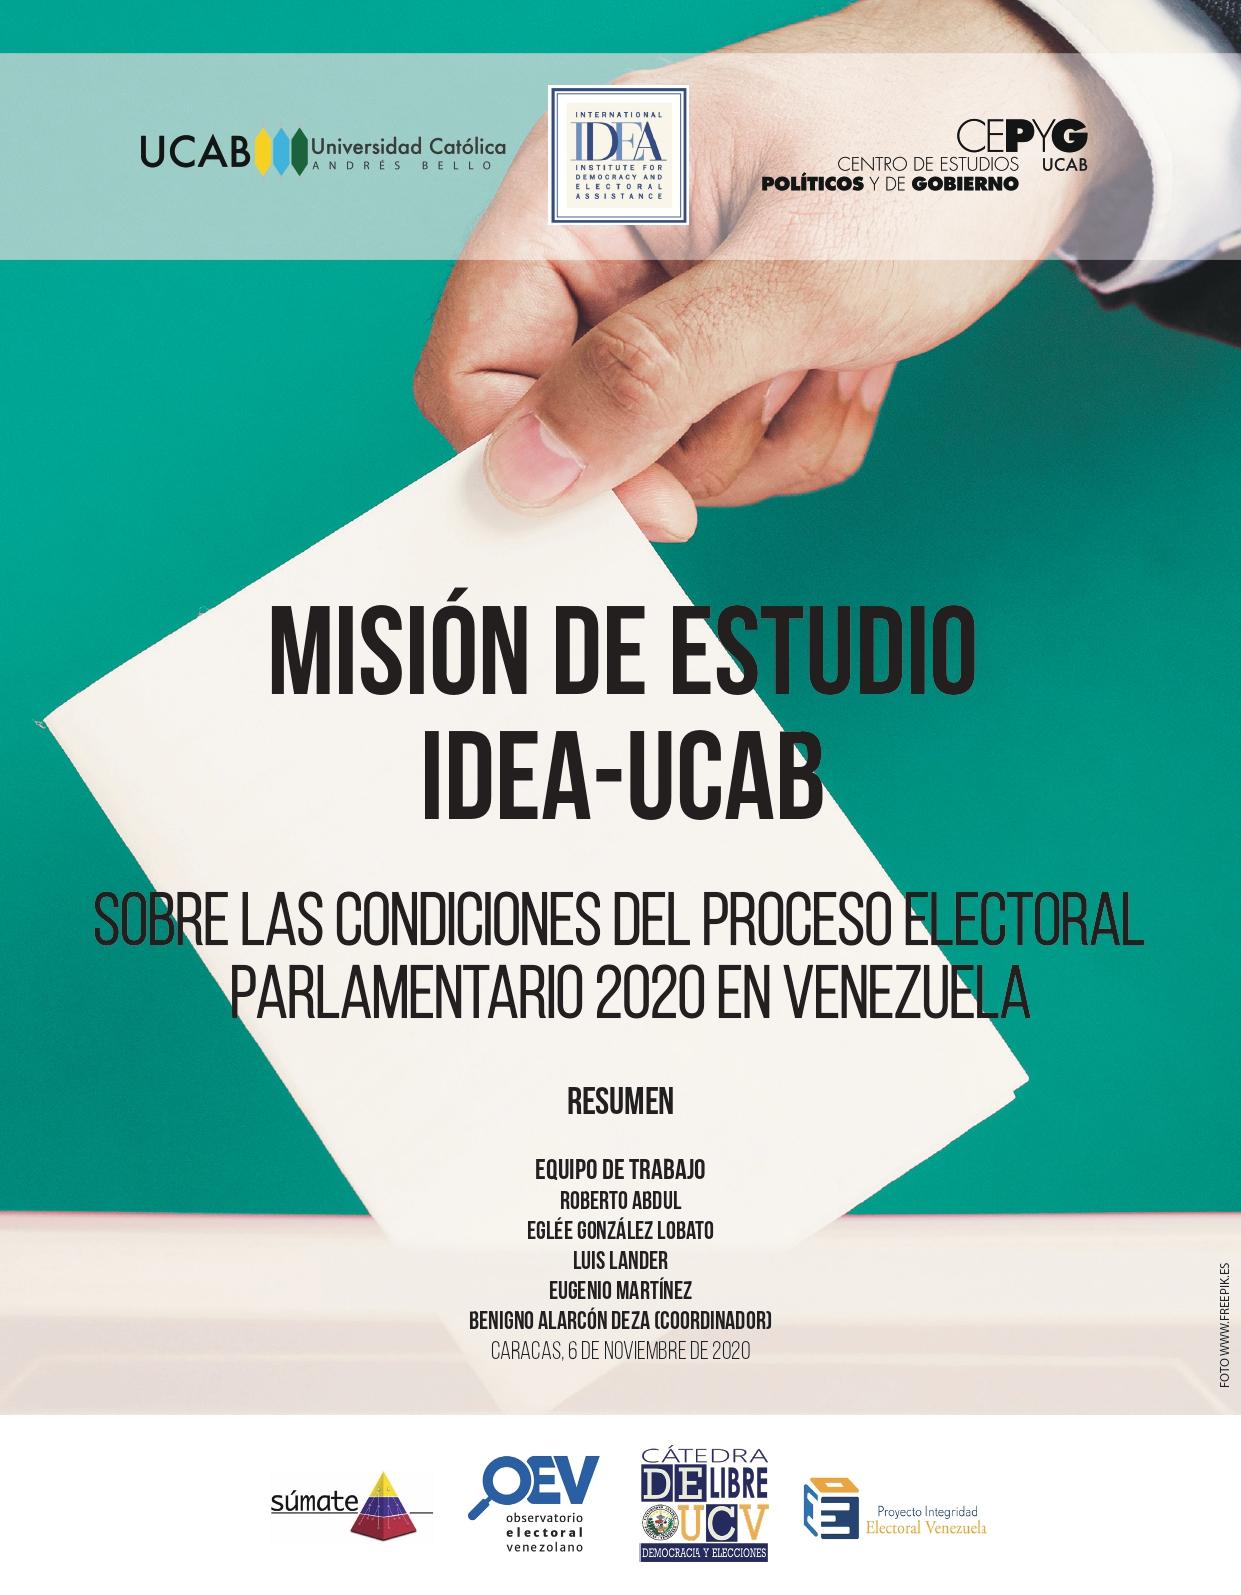 Image credit: Universidad Católica Andrés Bello (UCAB)and International IDEA.